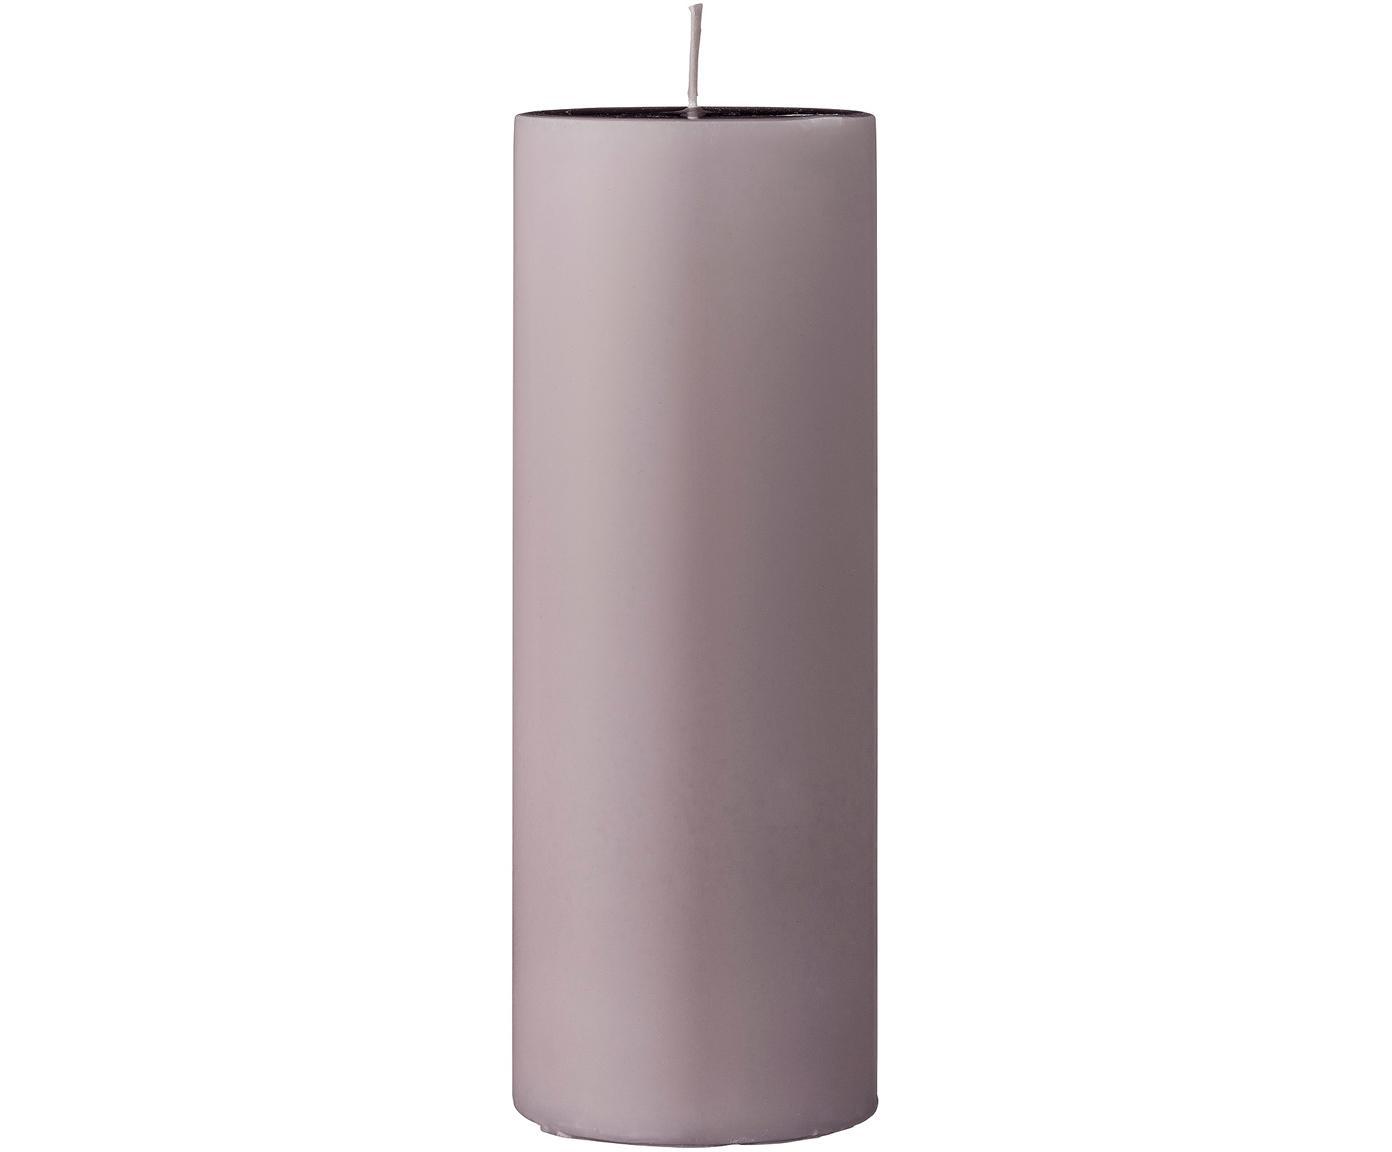 Stompkaars Lulu, Was, Roze, Ø 7 cm